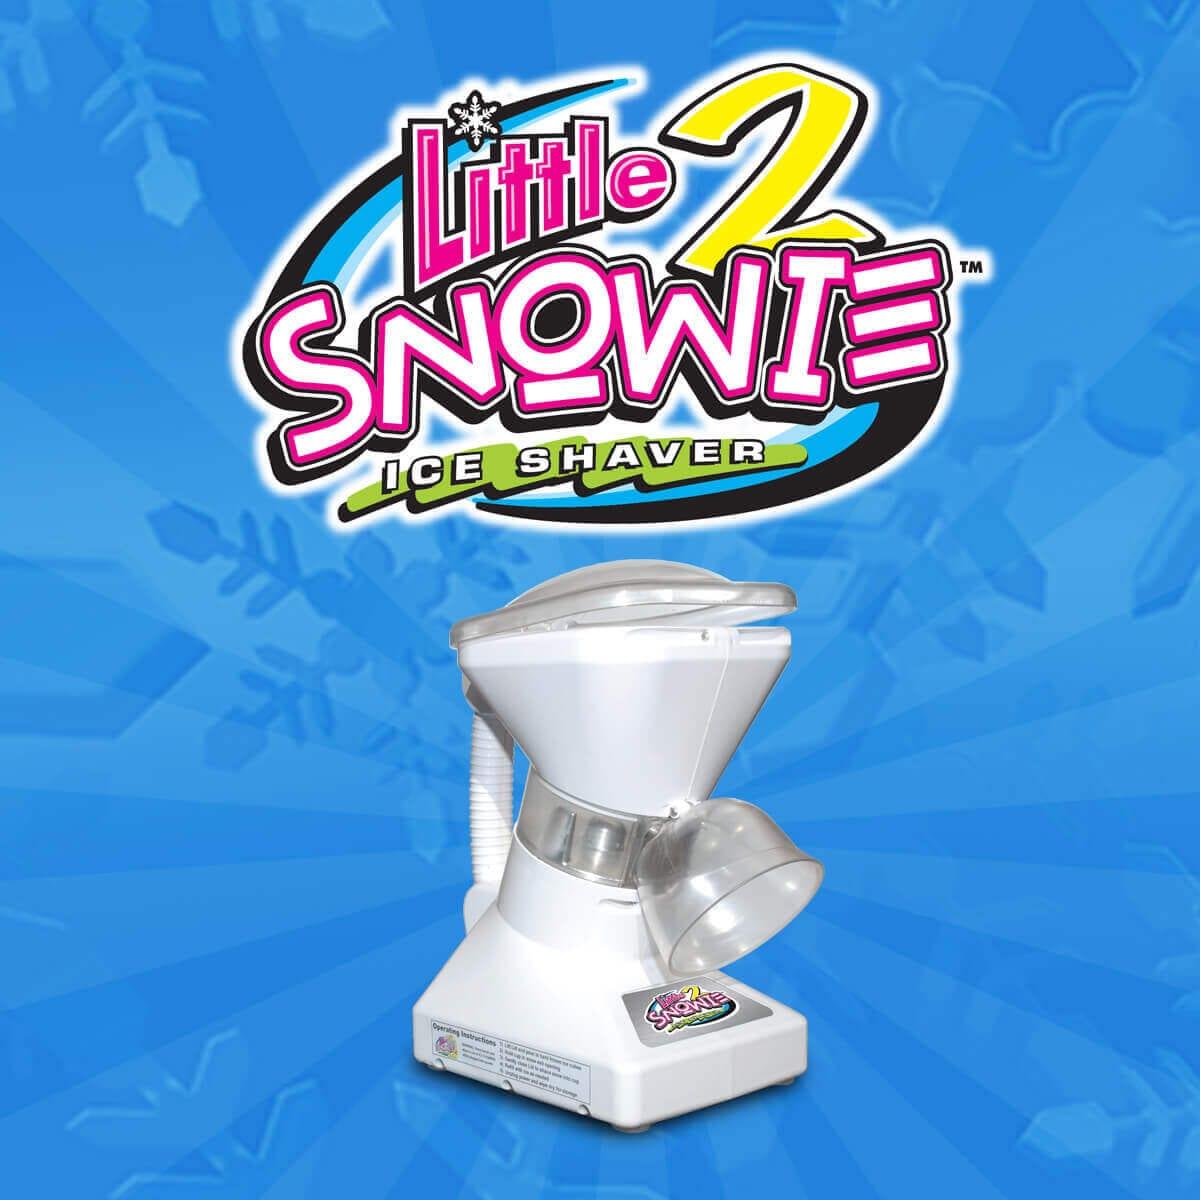 snowie snow cone machine